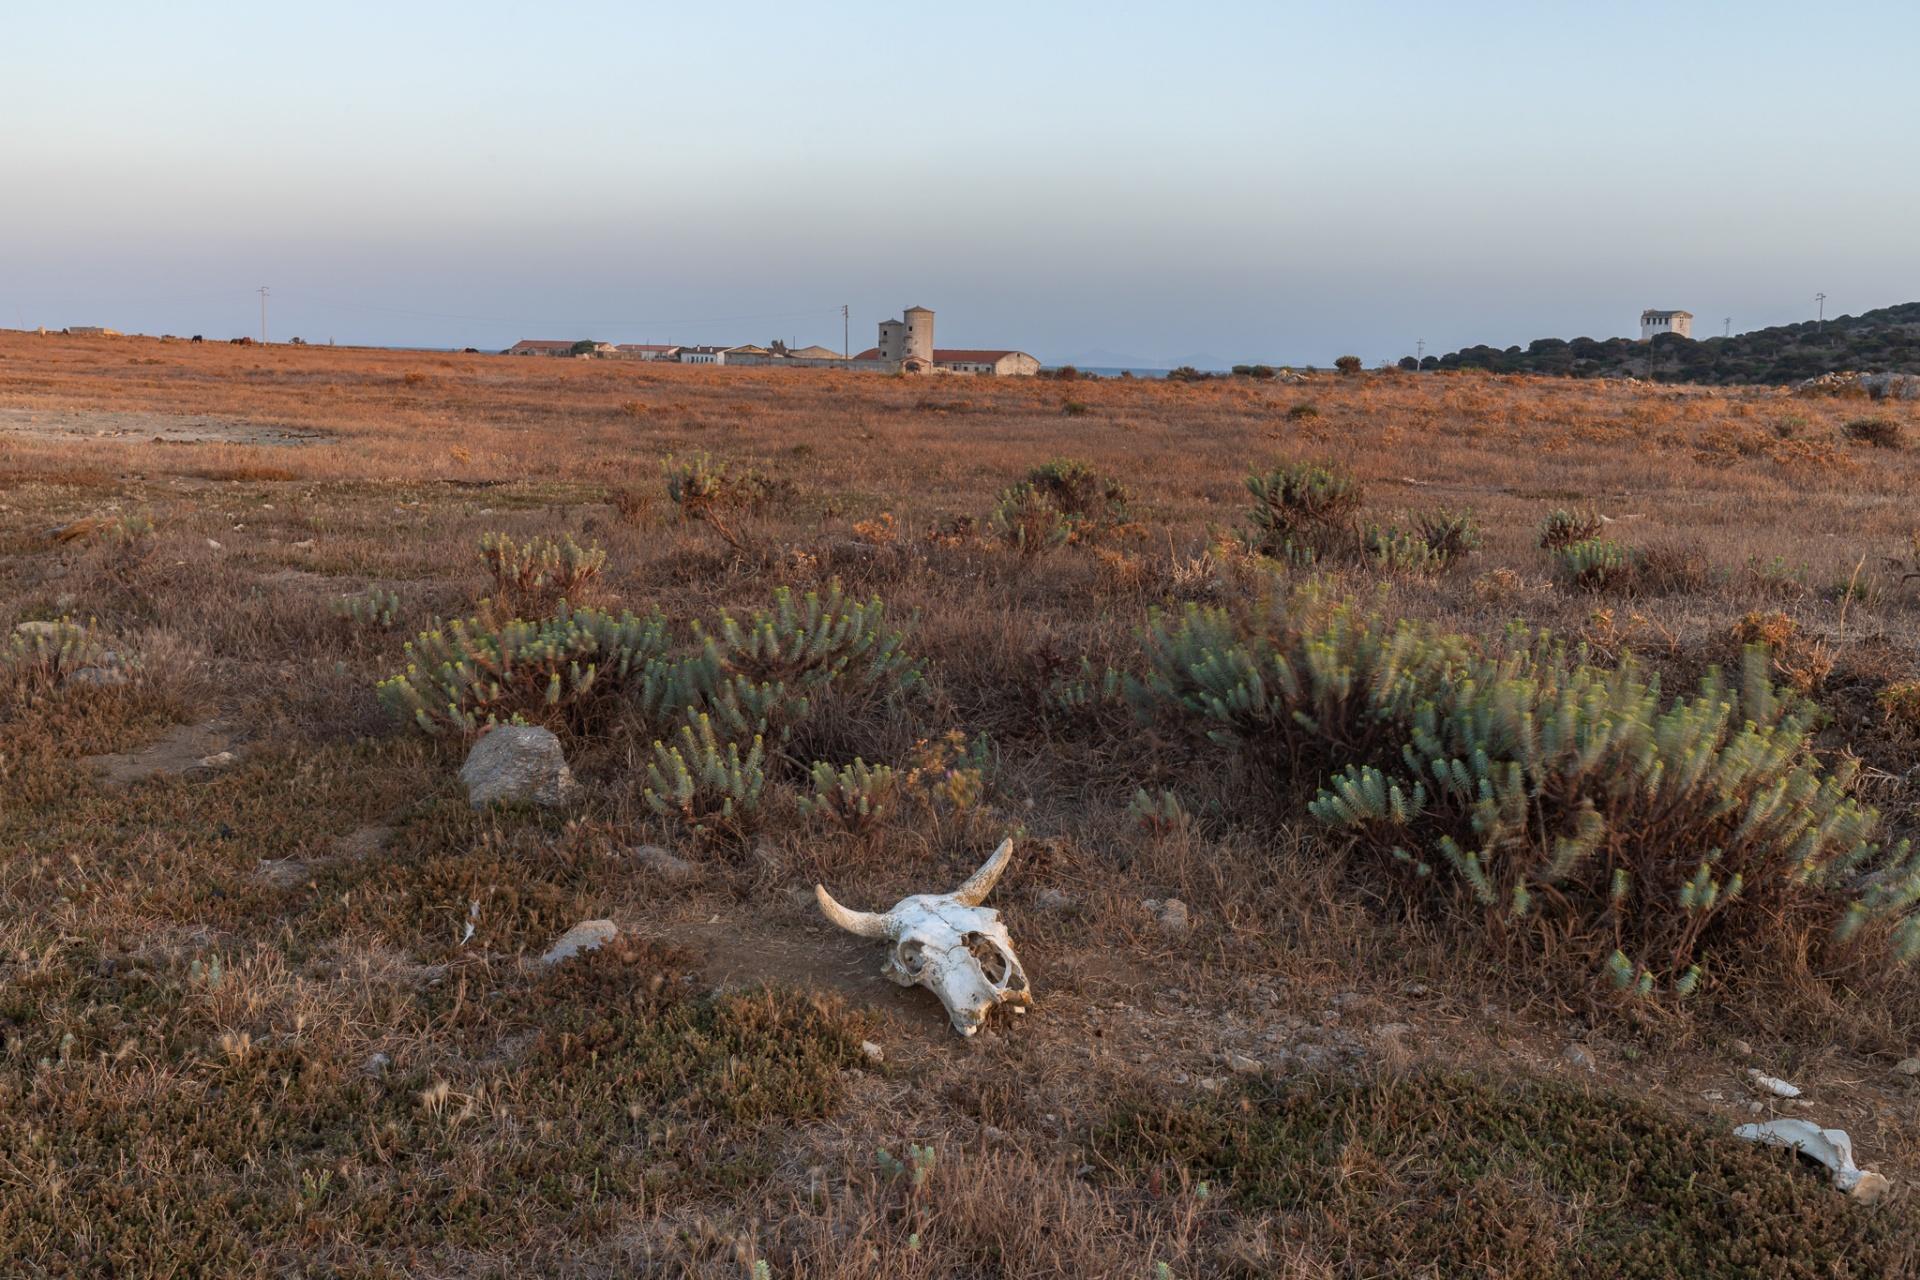 Asinara, localiltà Campu Perdu, E' un progetto fotografico che racconta la località di Campu Perdu, nell'isola dell'Asinara, in Sardegna